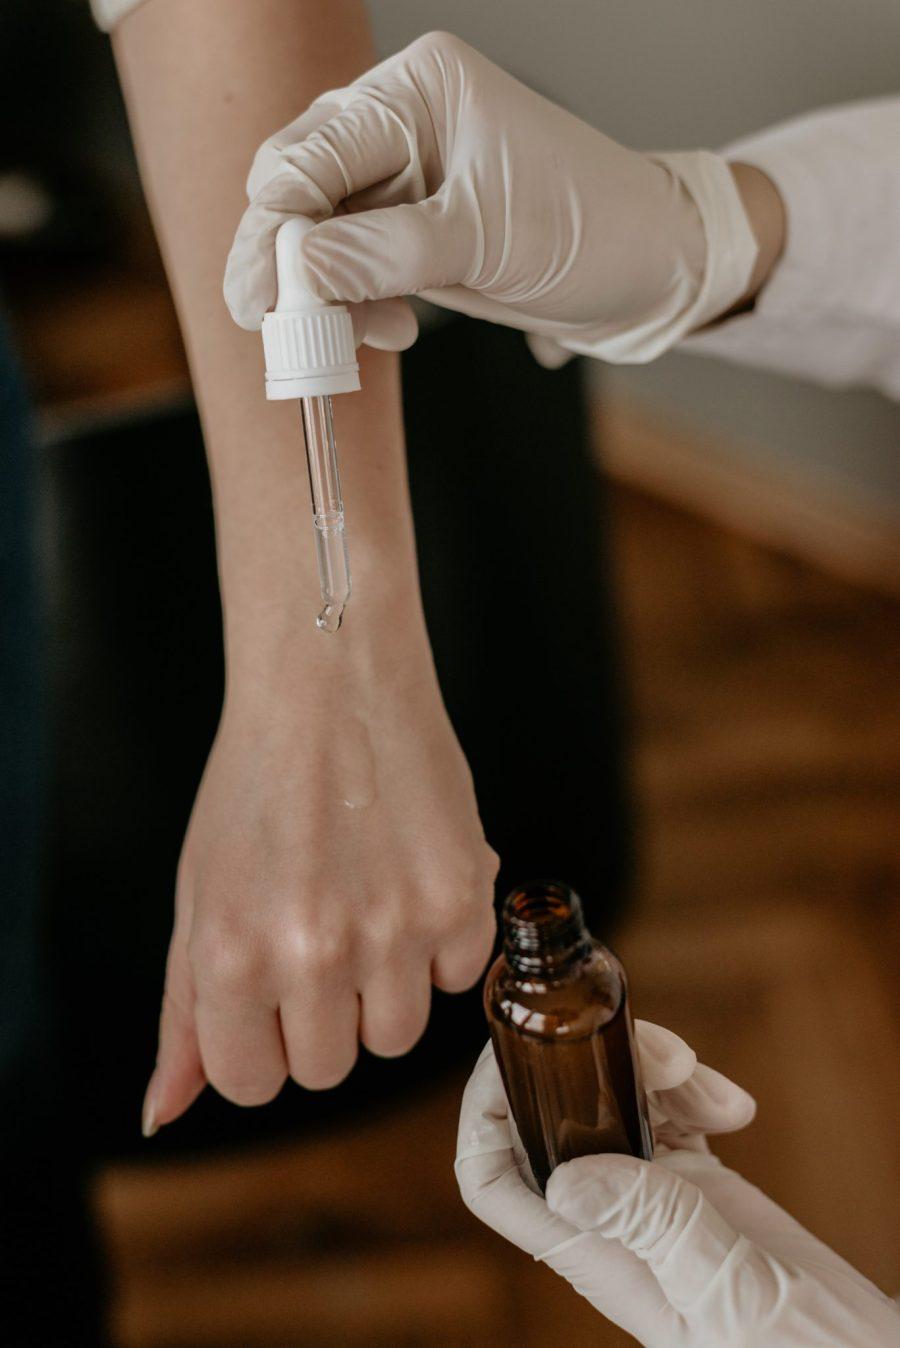 Hautpflege Allergietest auf Arm Foto von Amplitude Magazin auf Unsplash